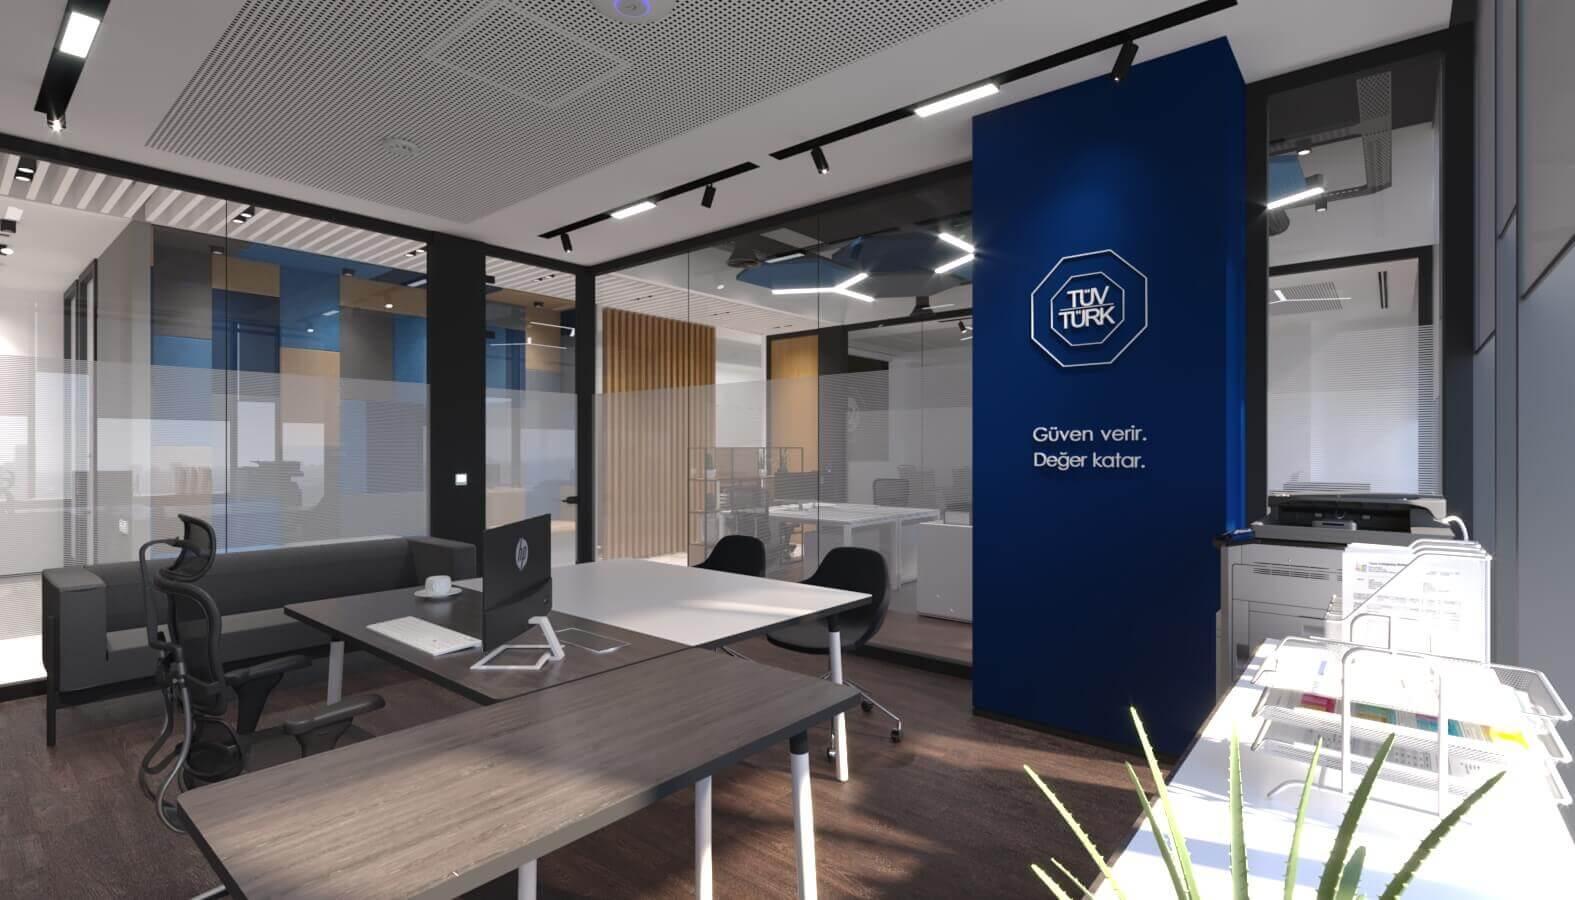 ofis mimari 3844 Tüvtürk Ankara Ofis Ofisler